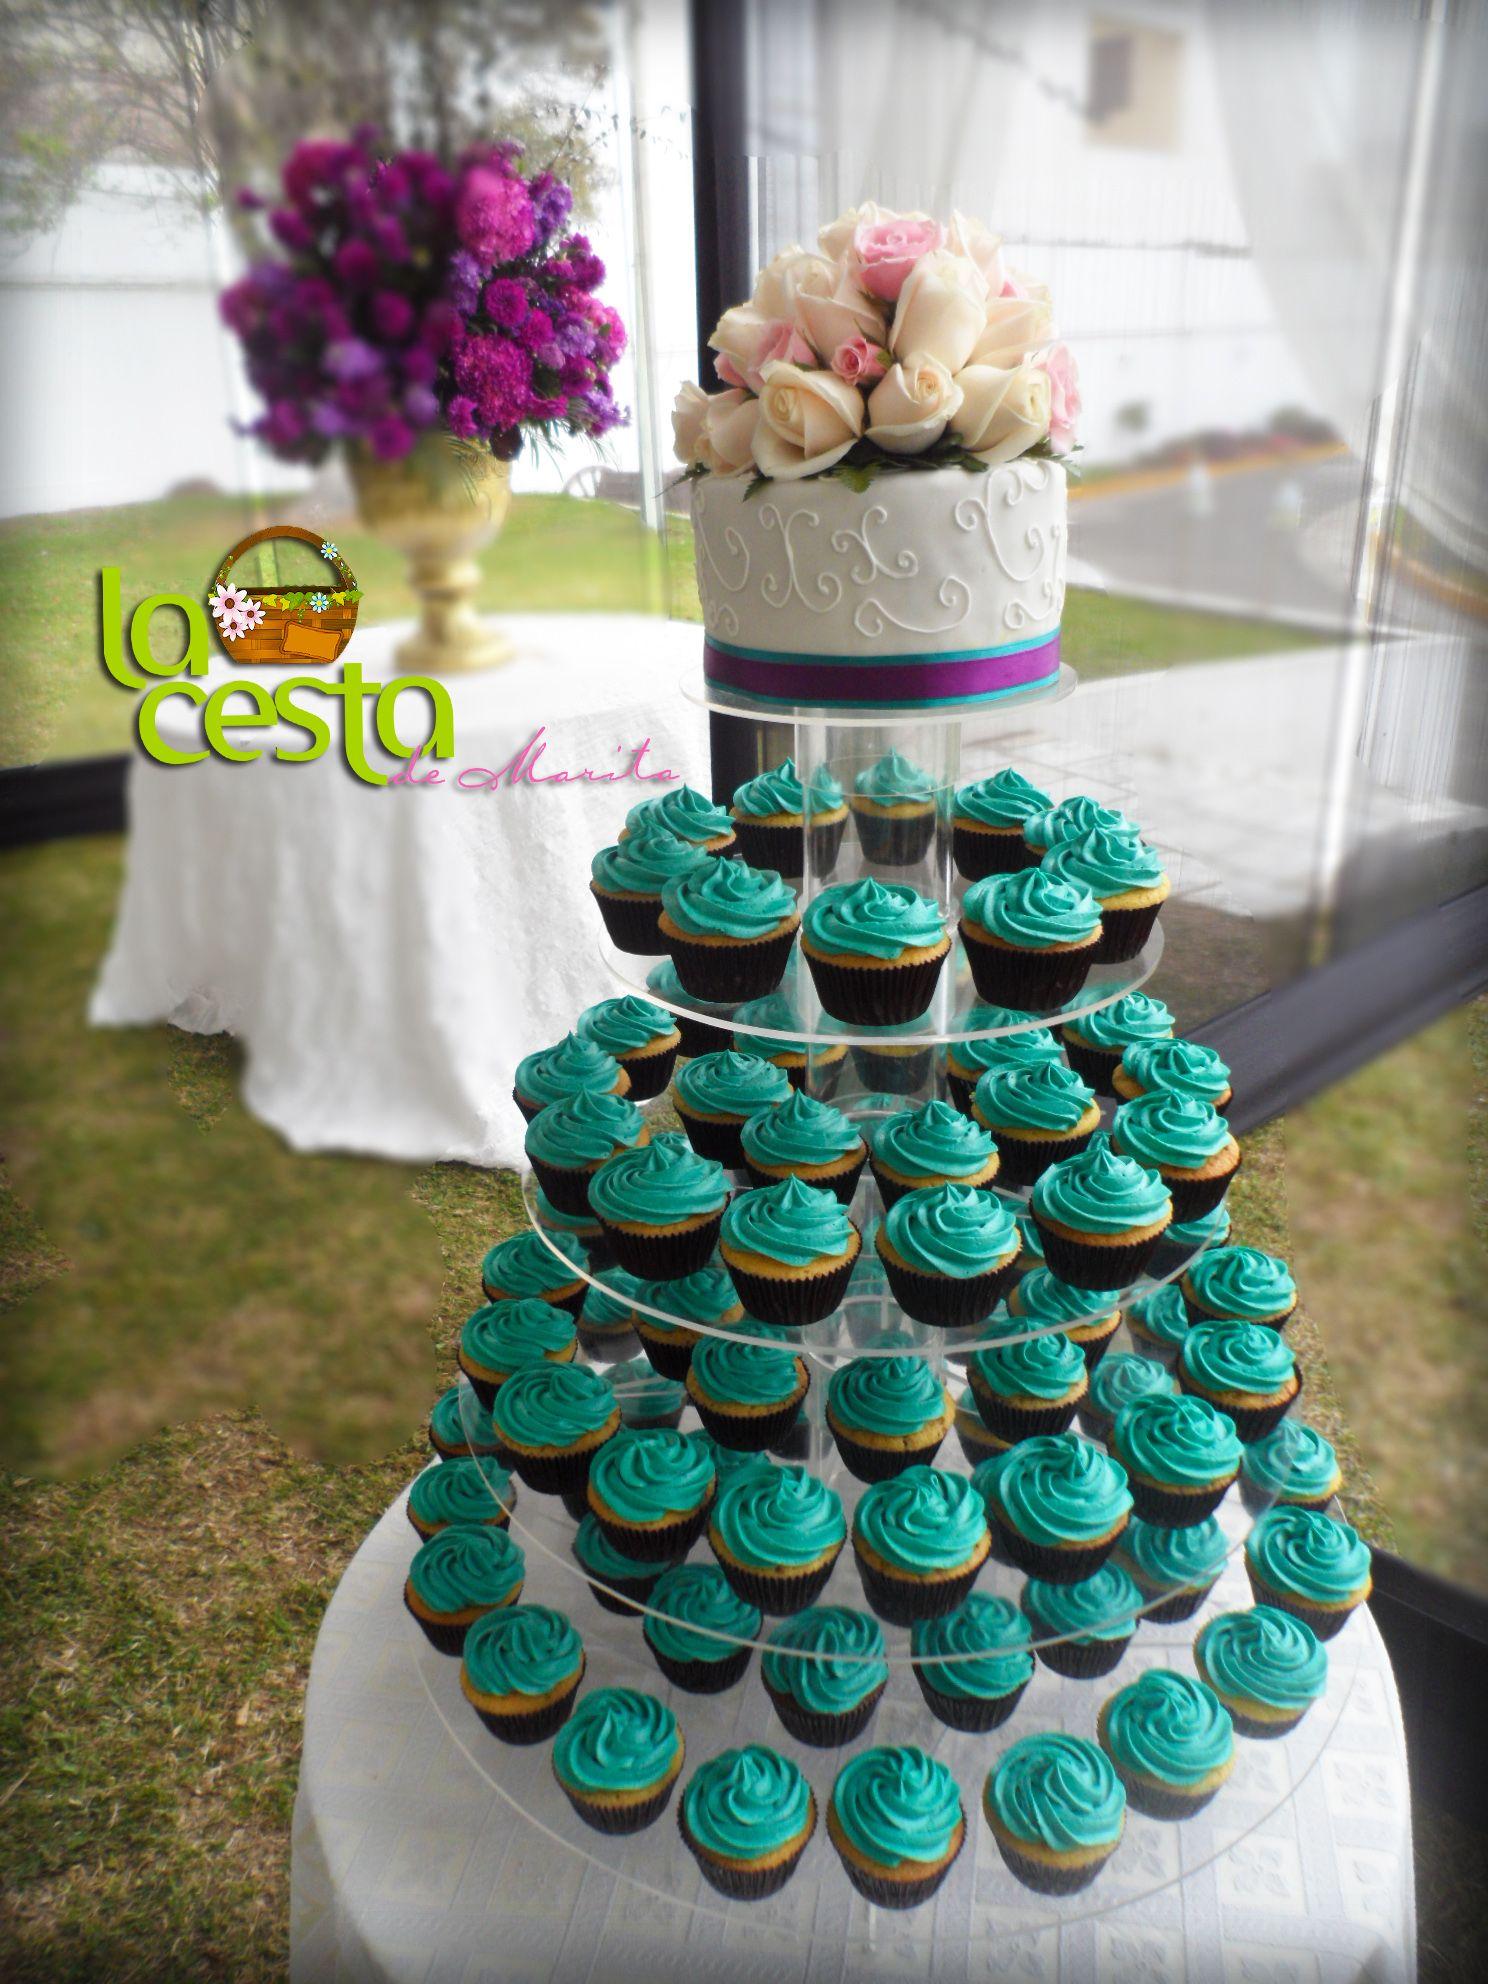 Wedding cupcakes de La Cesta de Marita